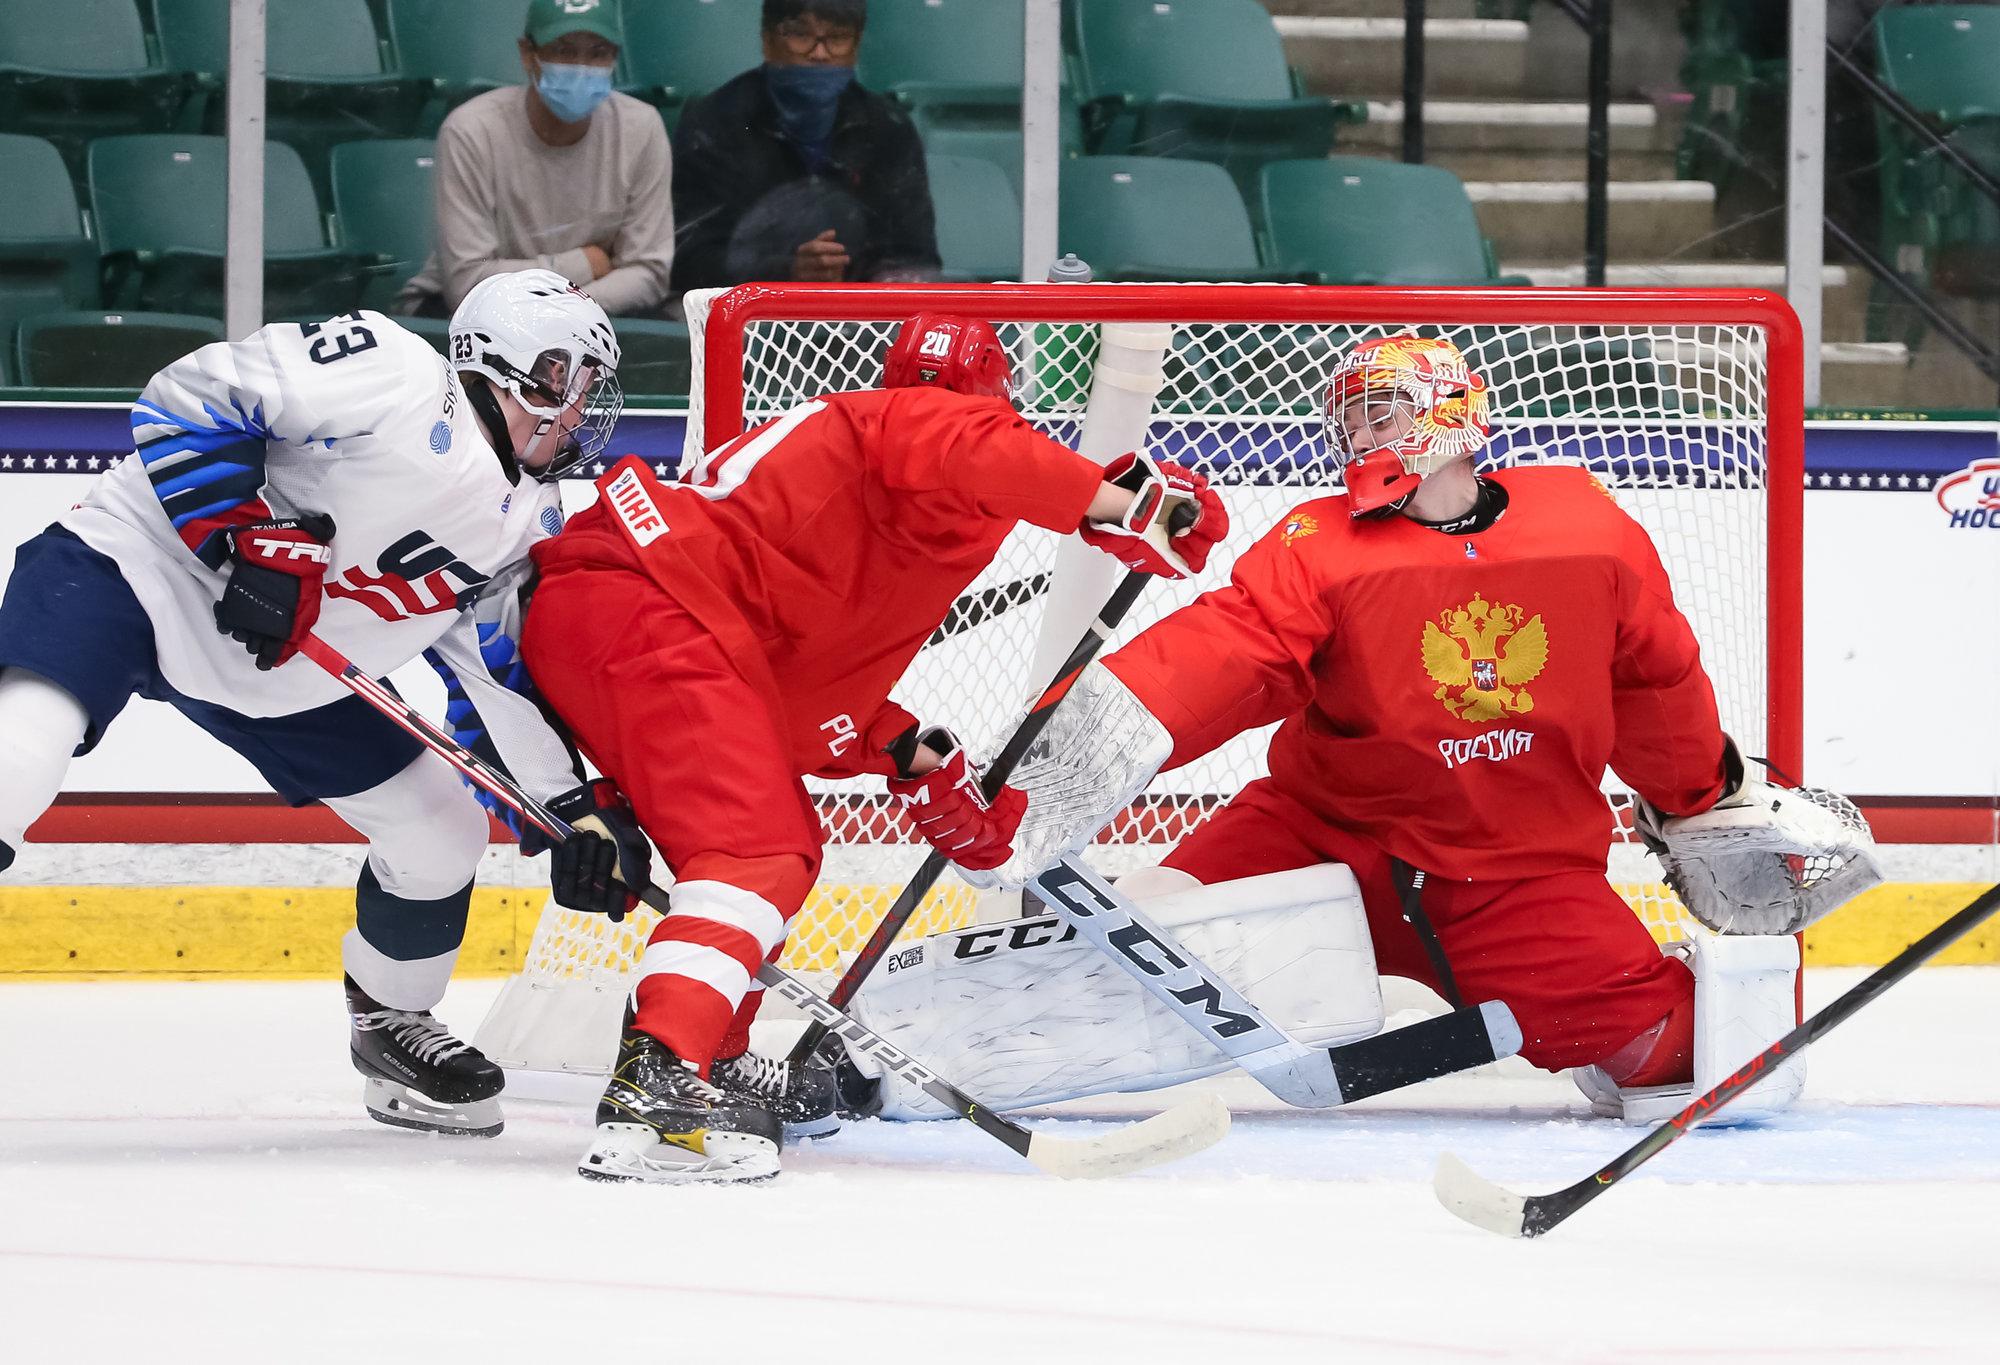 Федерация хоккея США иронично отнеслась к поражению от России на ЮЧМ